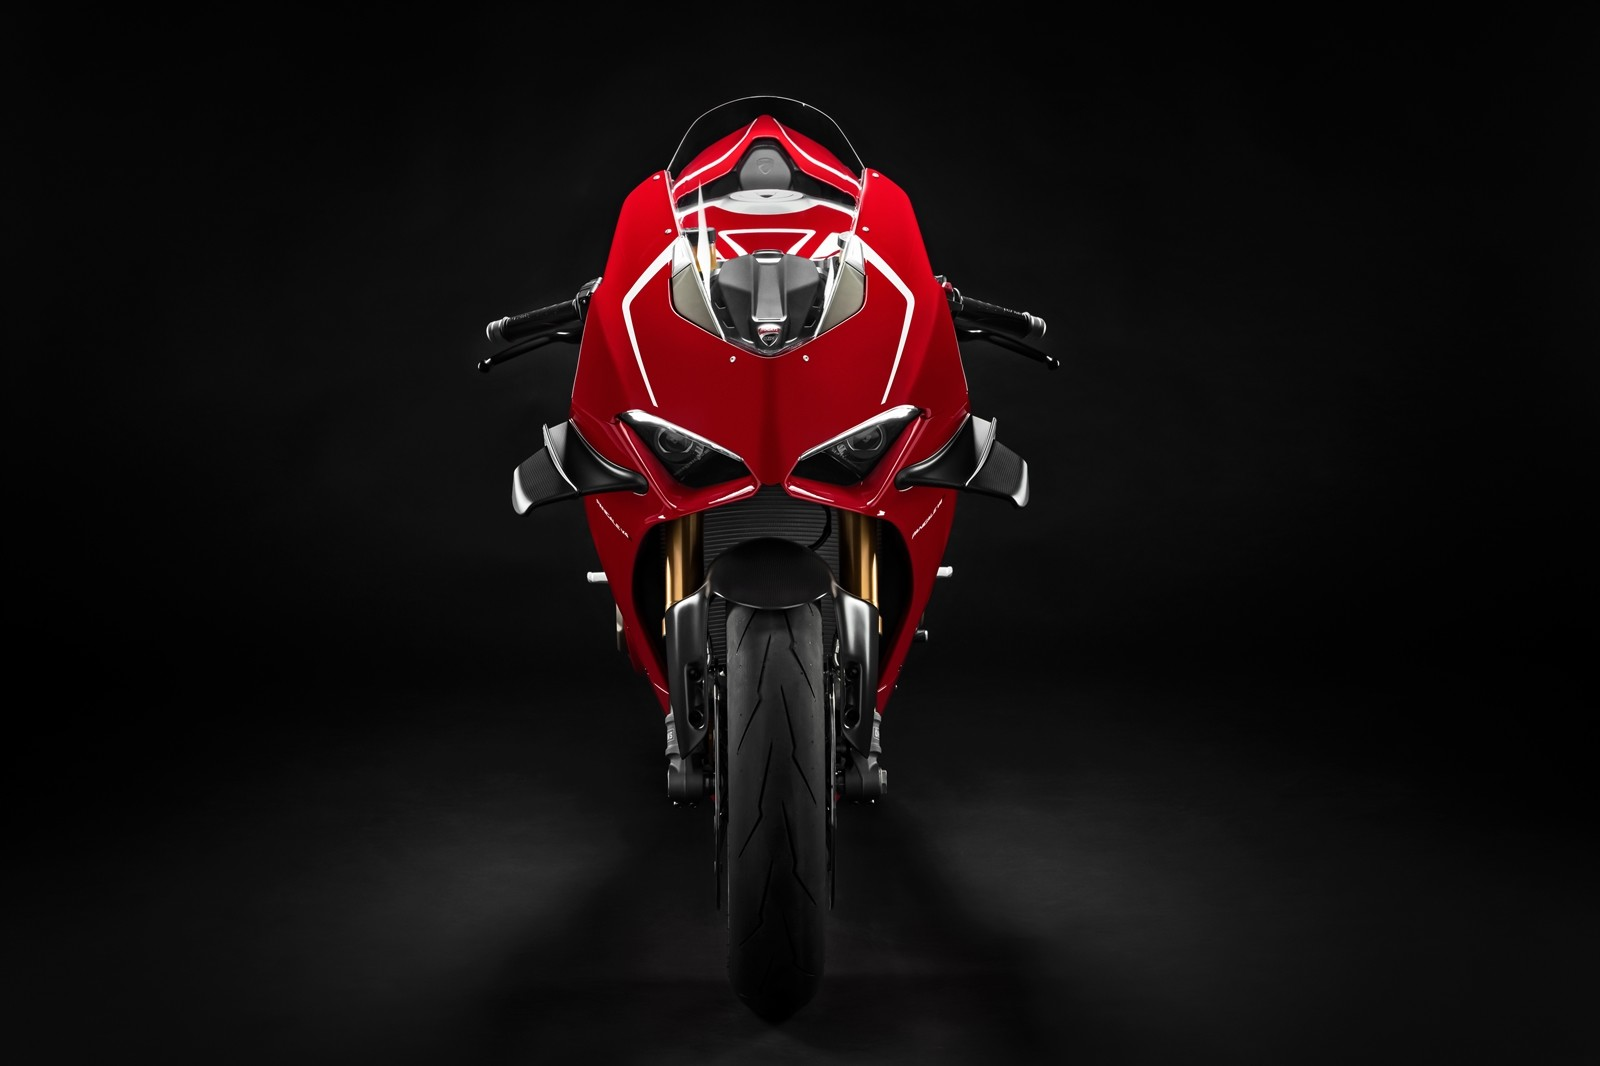 Foto de Ducati Panigale V4 R 2019 (51/87)